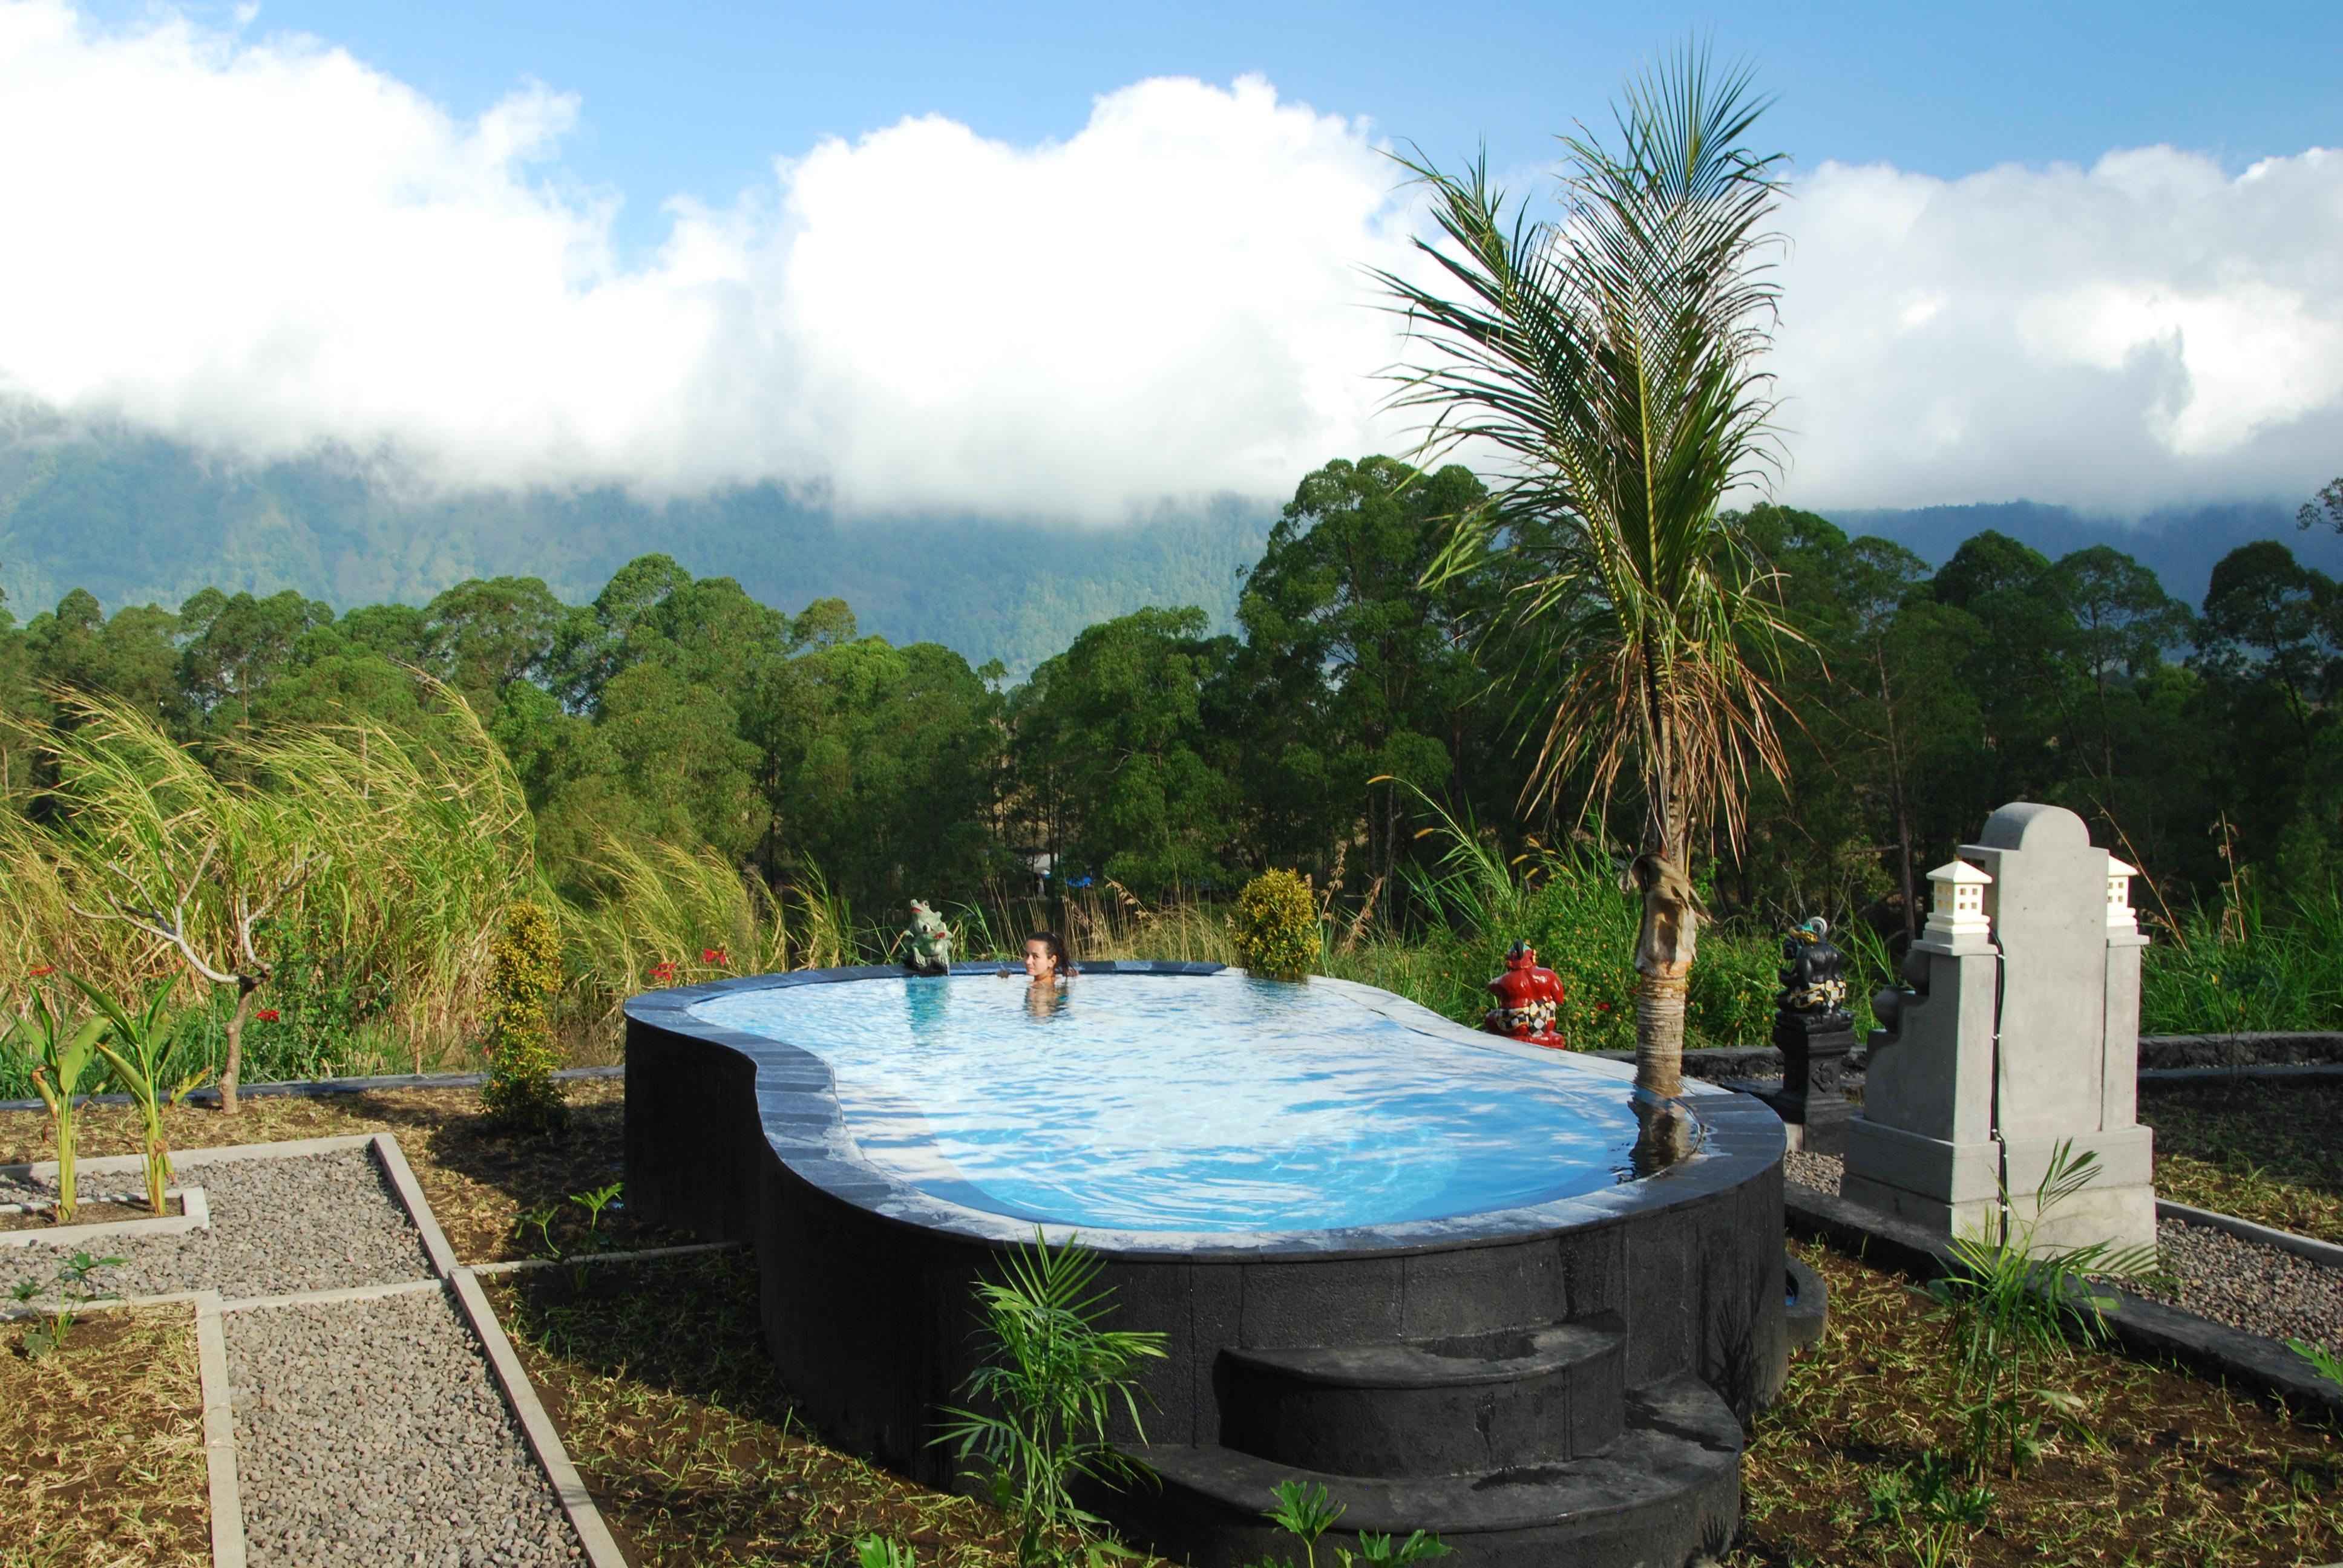 Constructeur De Piscine Montpellier piscine pour un petit jardin : différents modèles de